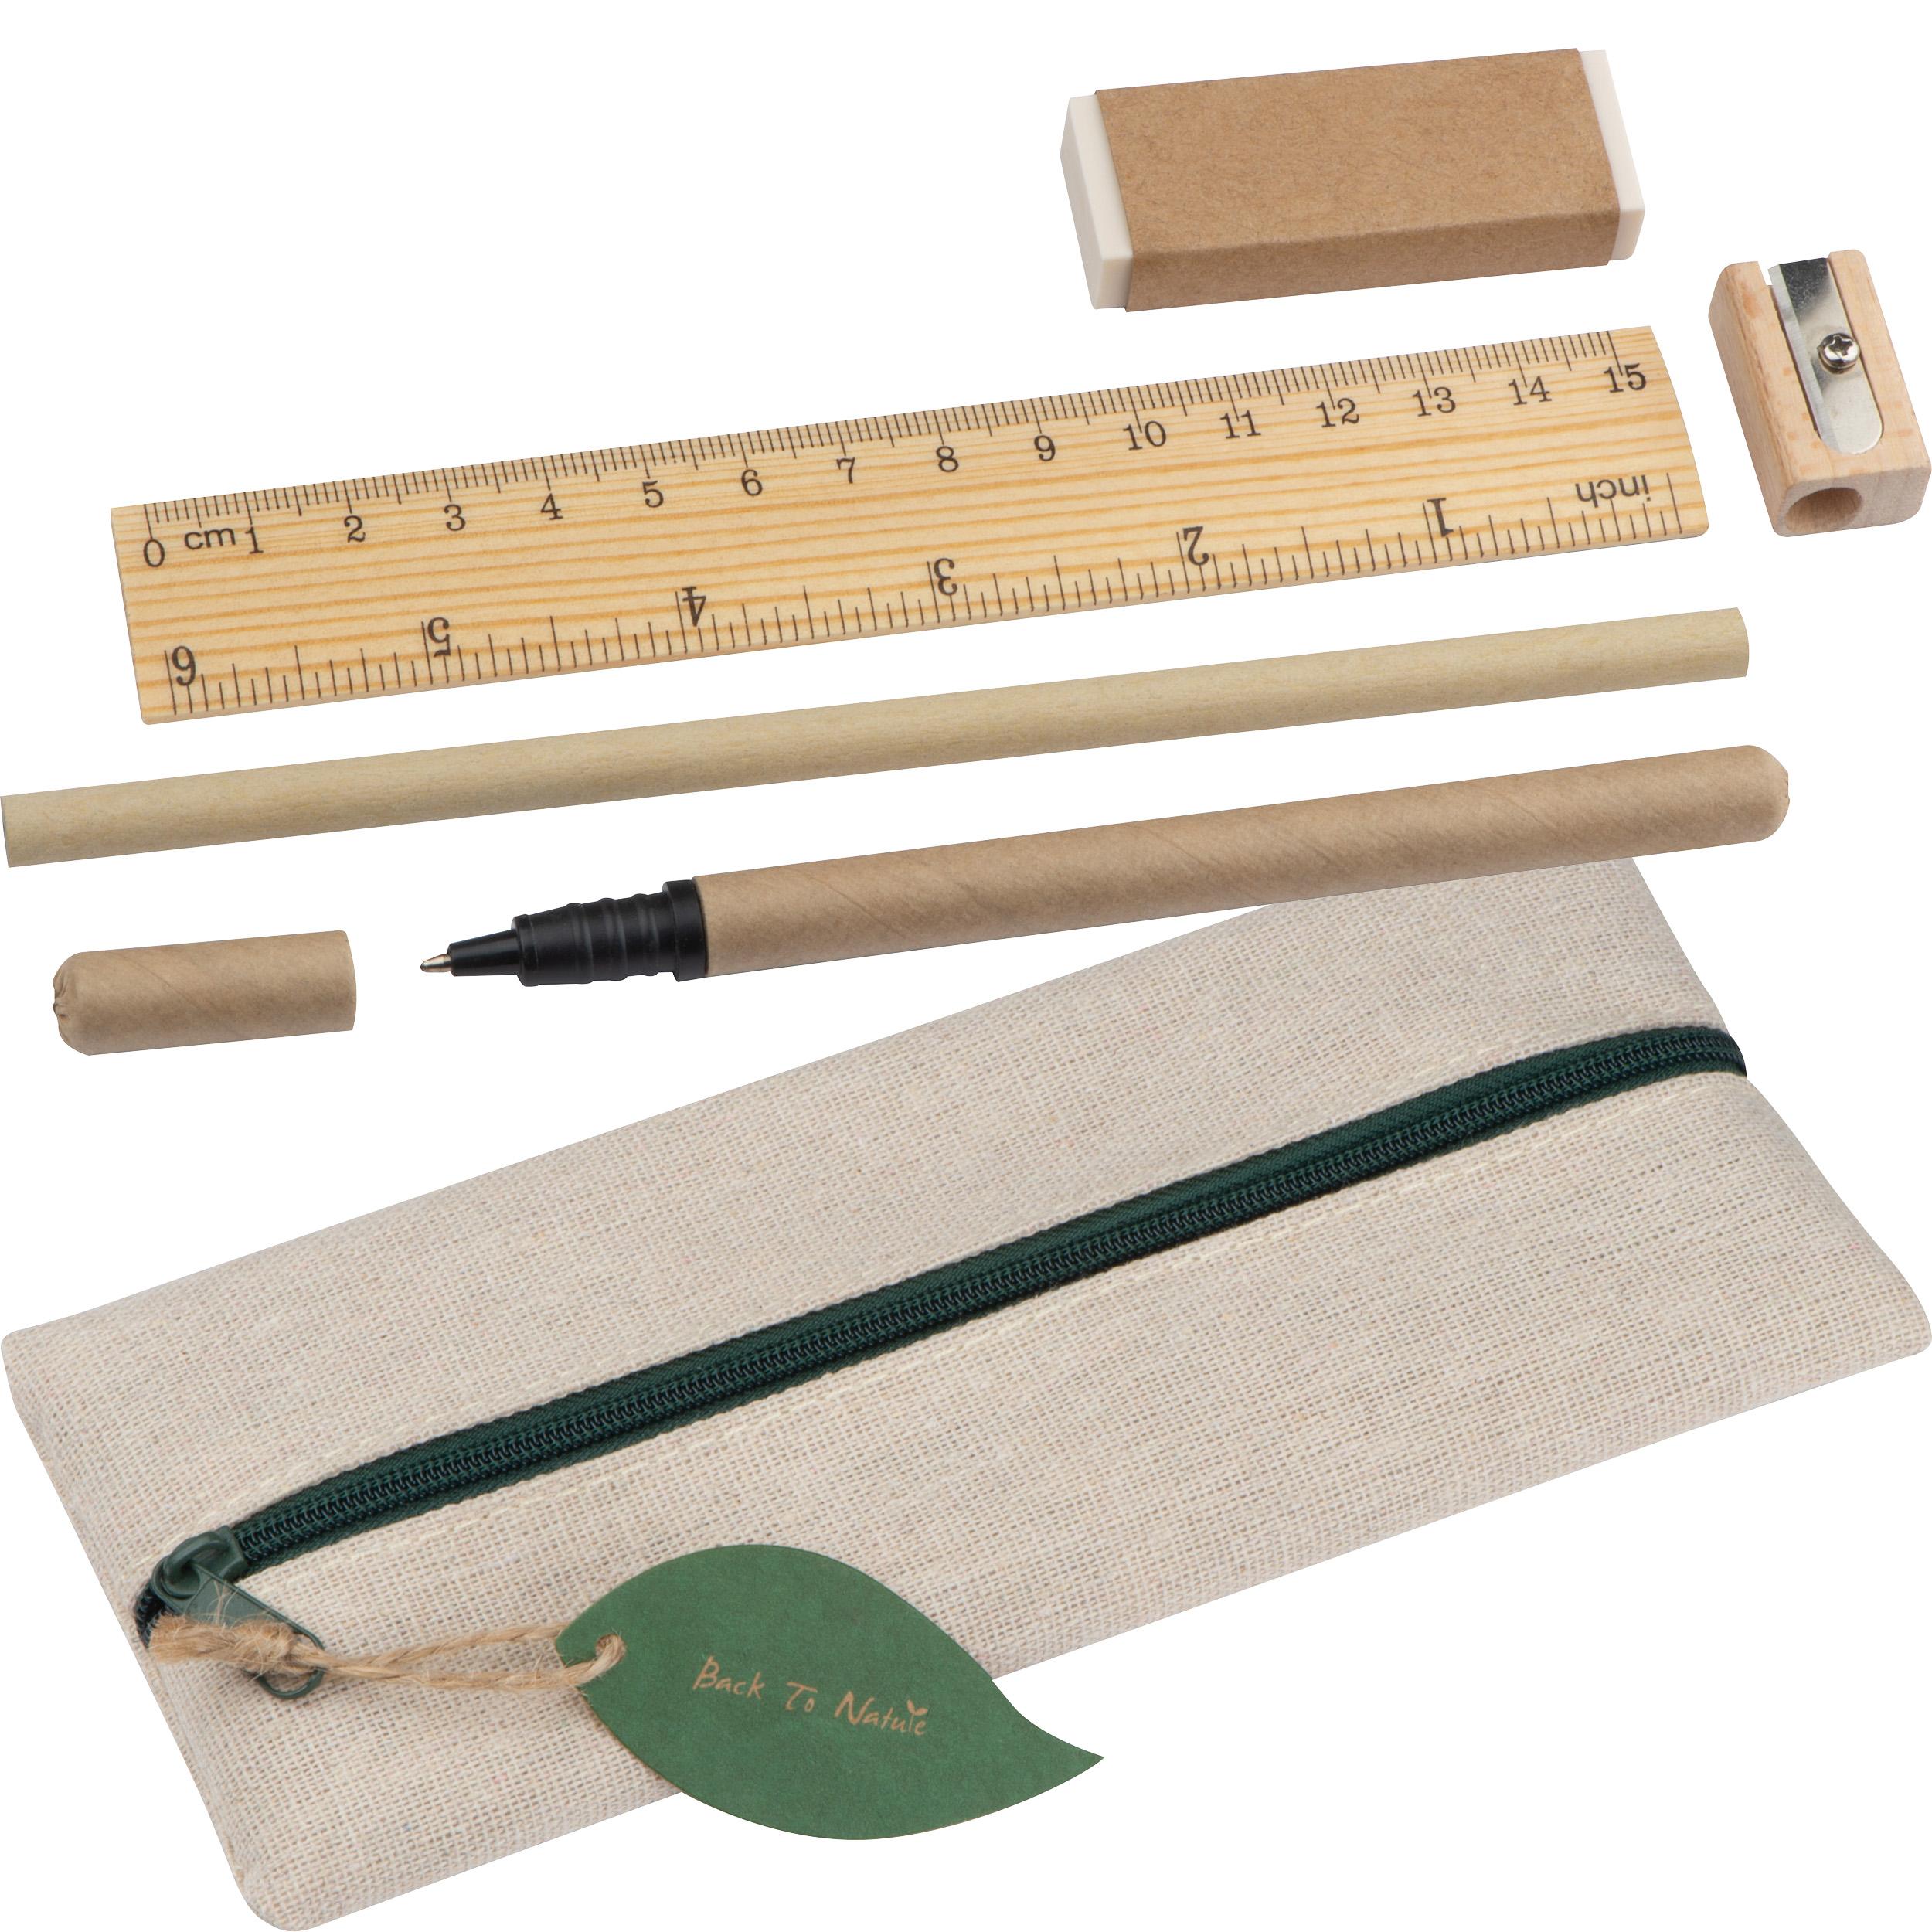 Set d'écriture avec règle, gomme, taille-crayon, crayon et rollerball